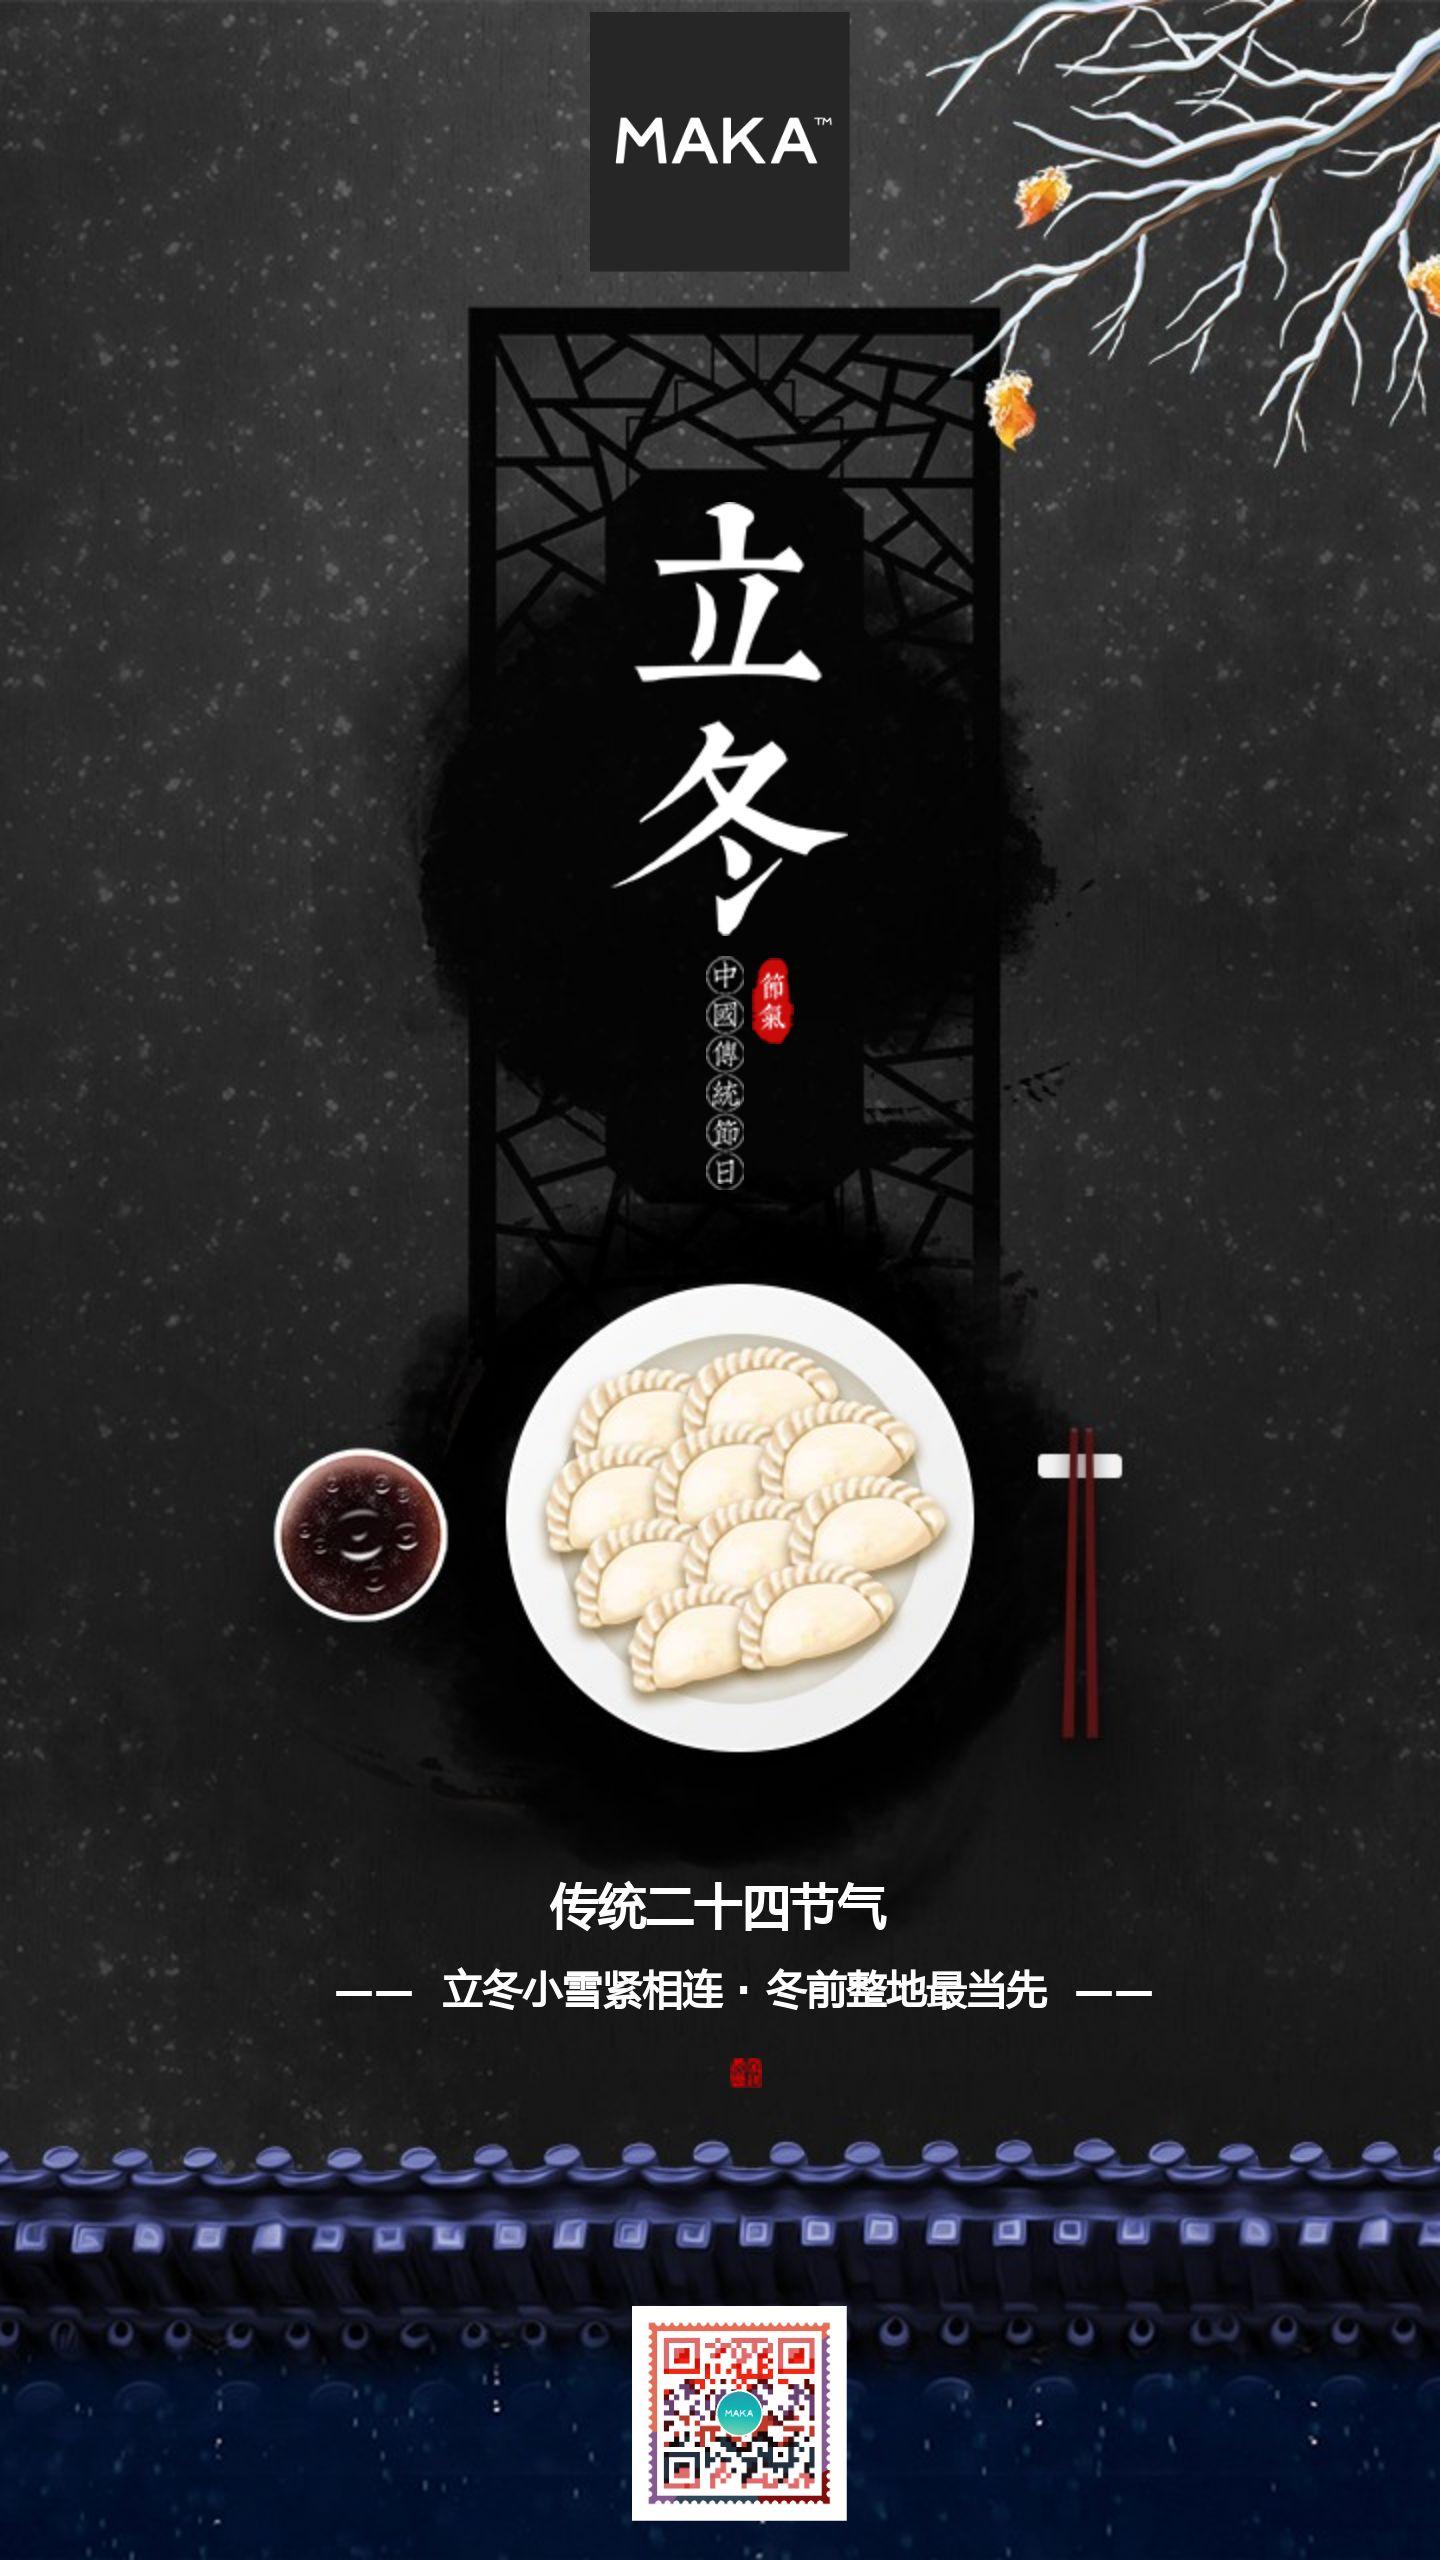 简约立冬节日设计海报